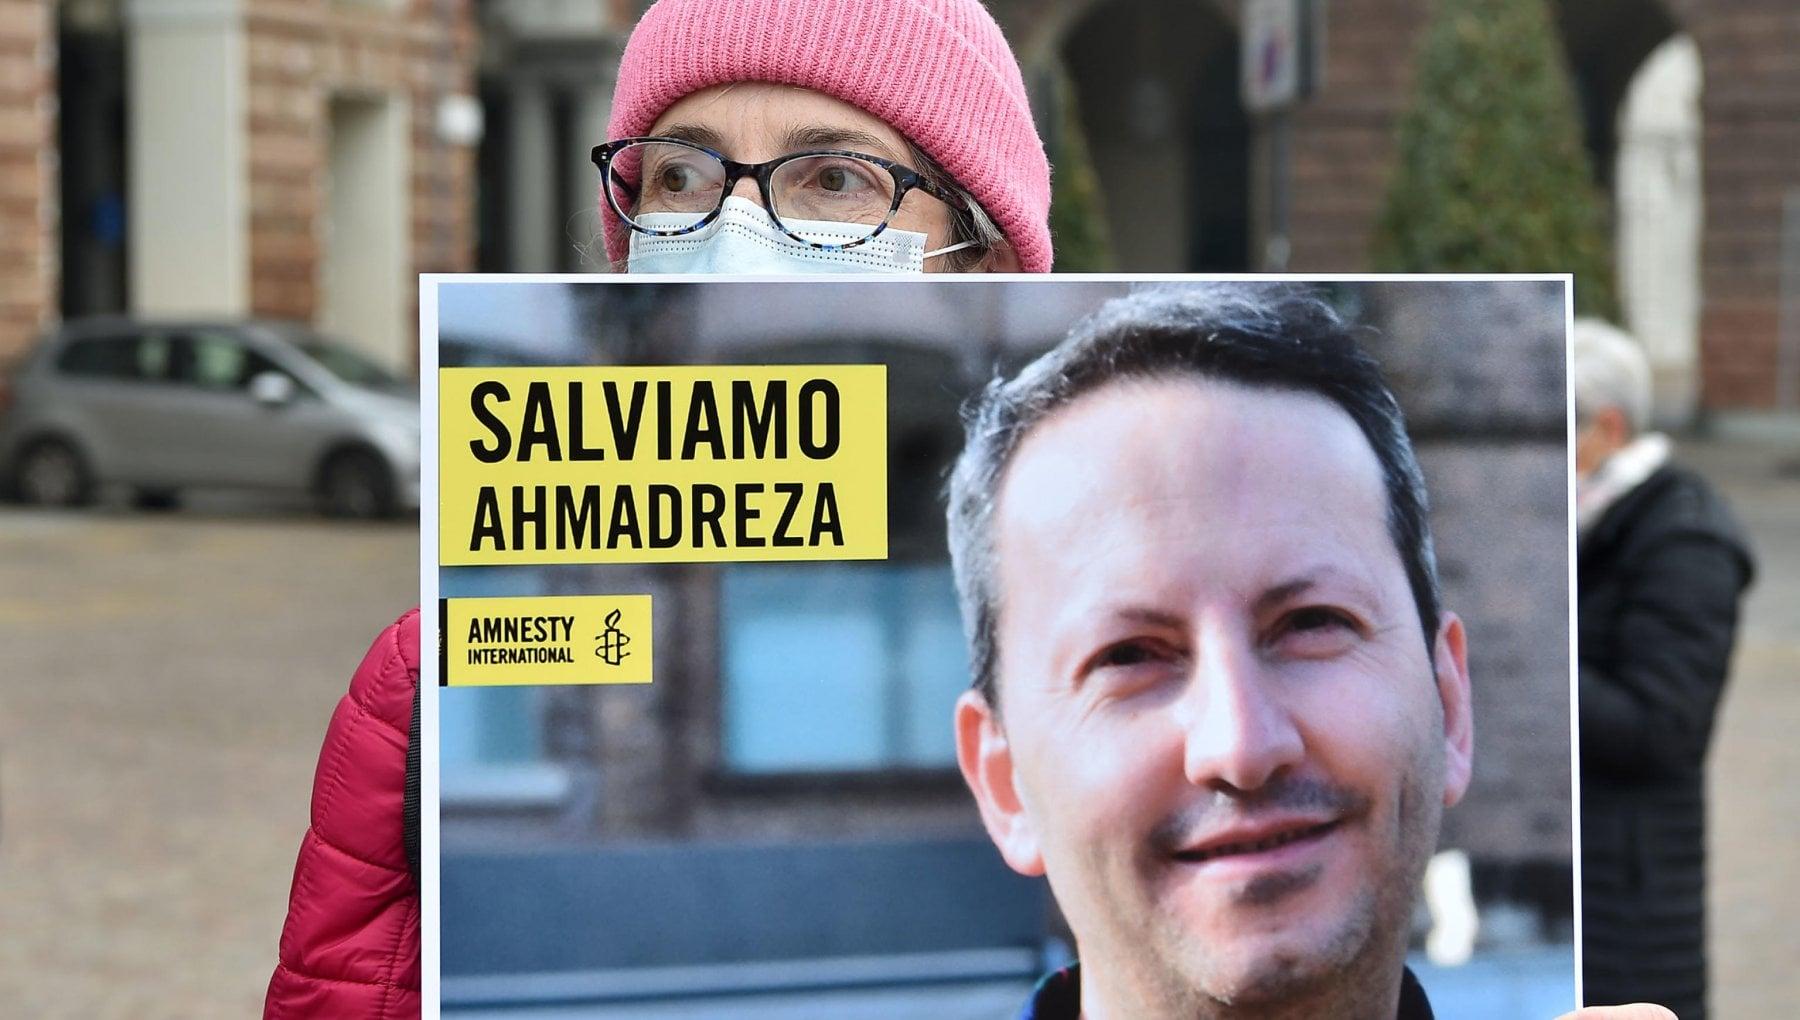 213209116 ebef747b 31cf 42f7 986e dd706a5d3dba - Sospesa l'esecuzione. L'Europa preme sull'Iran per salvare Djalali